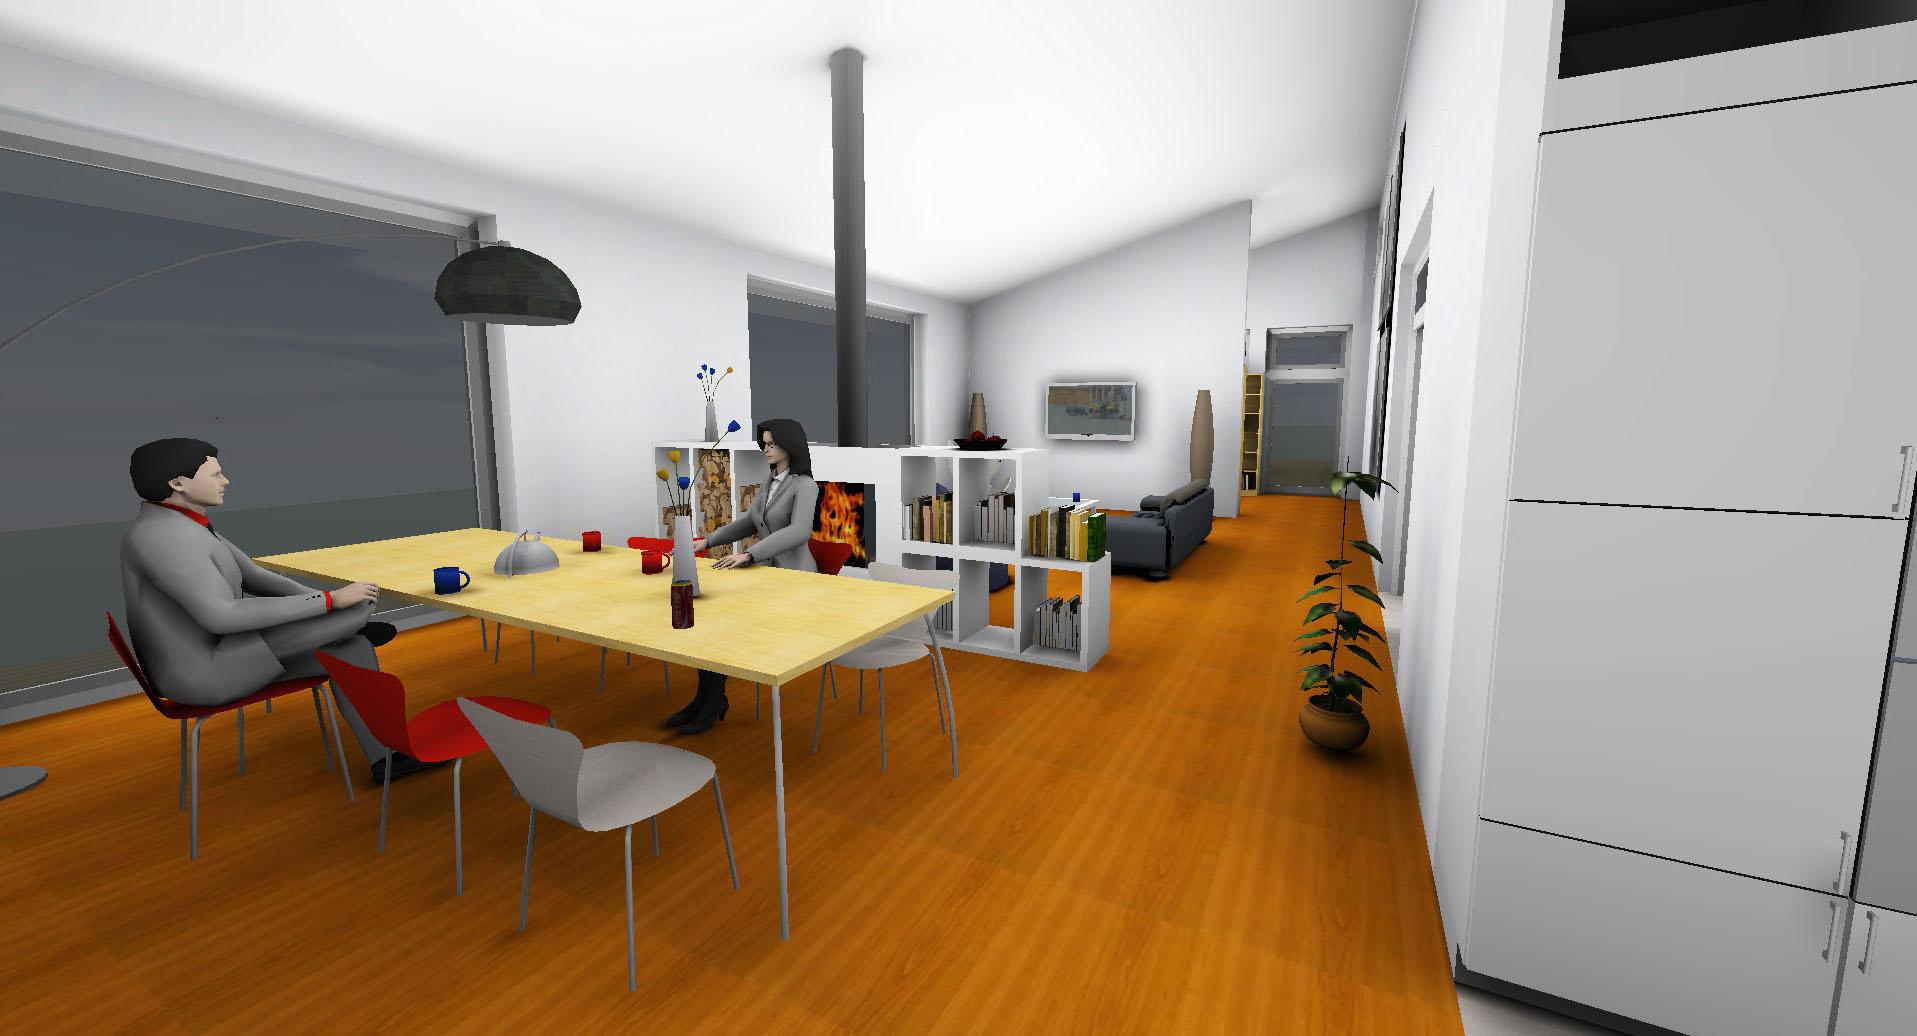 egn Architekten Einfamilienhaus Neubau KfW Innenraum Perspektive 3d ...